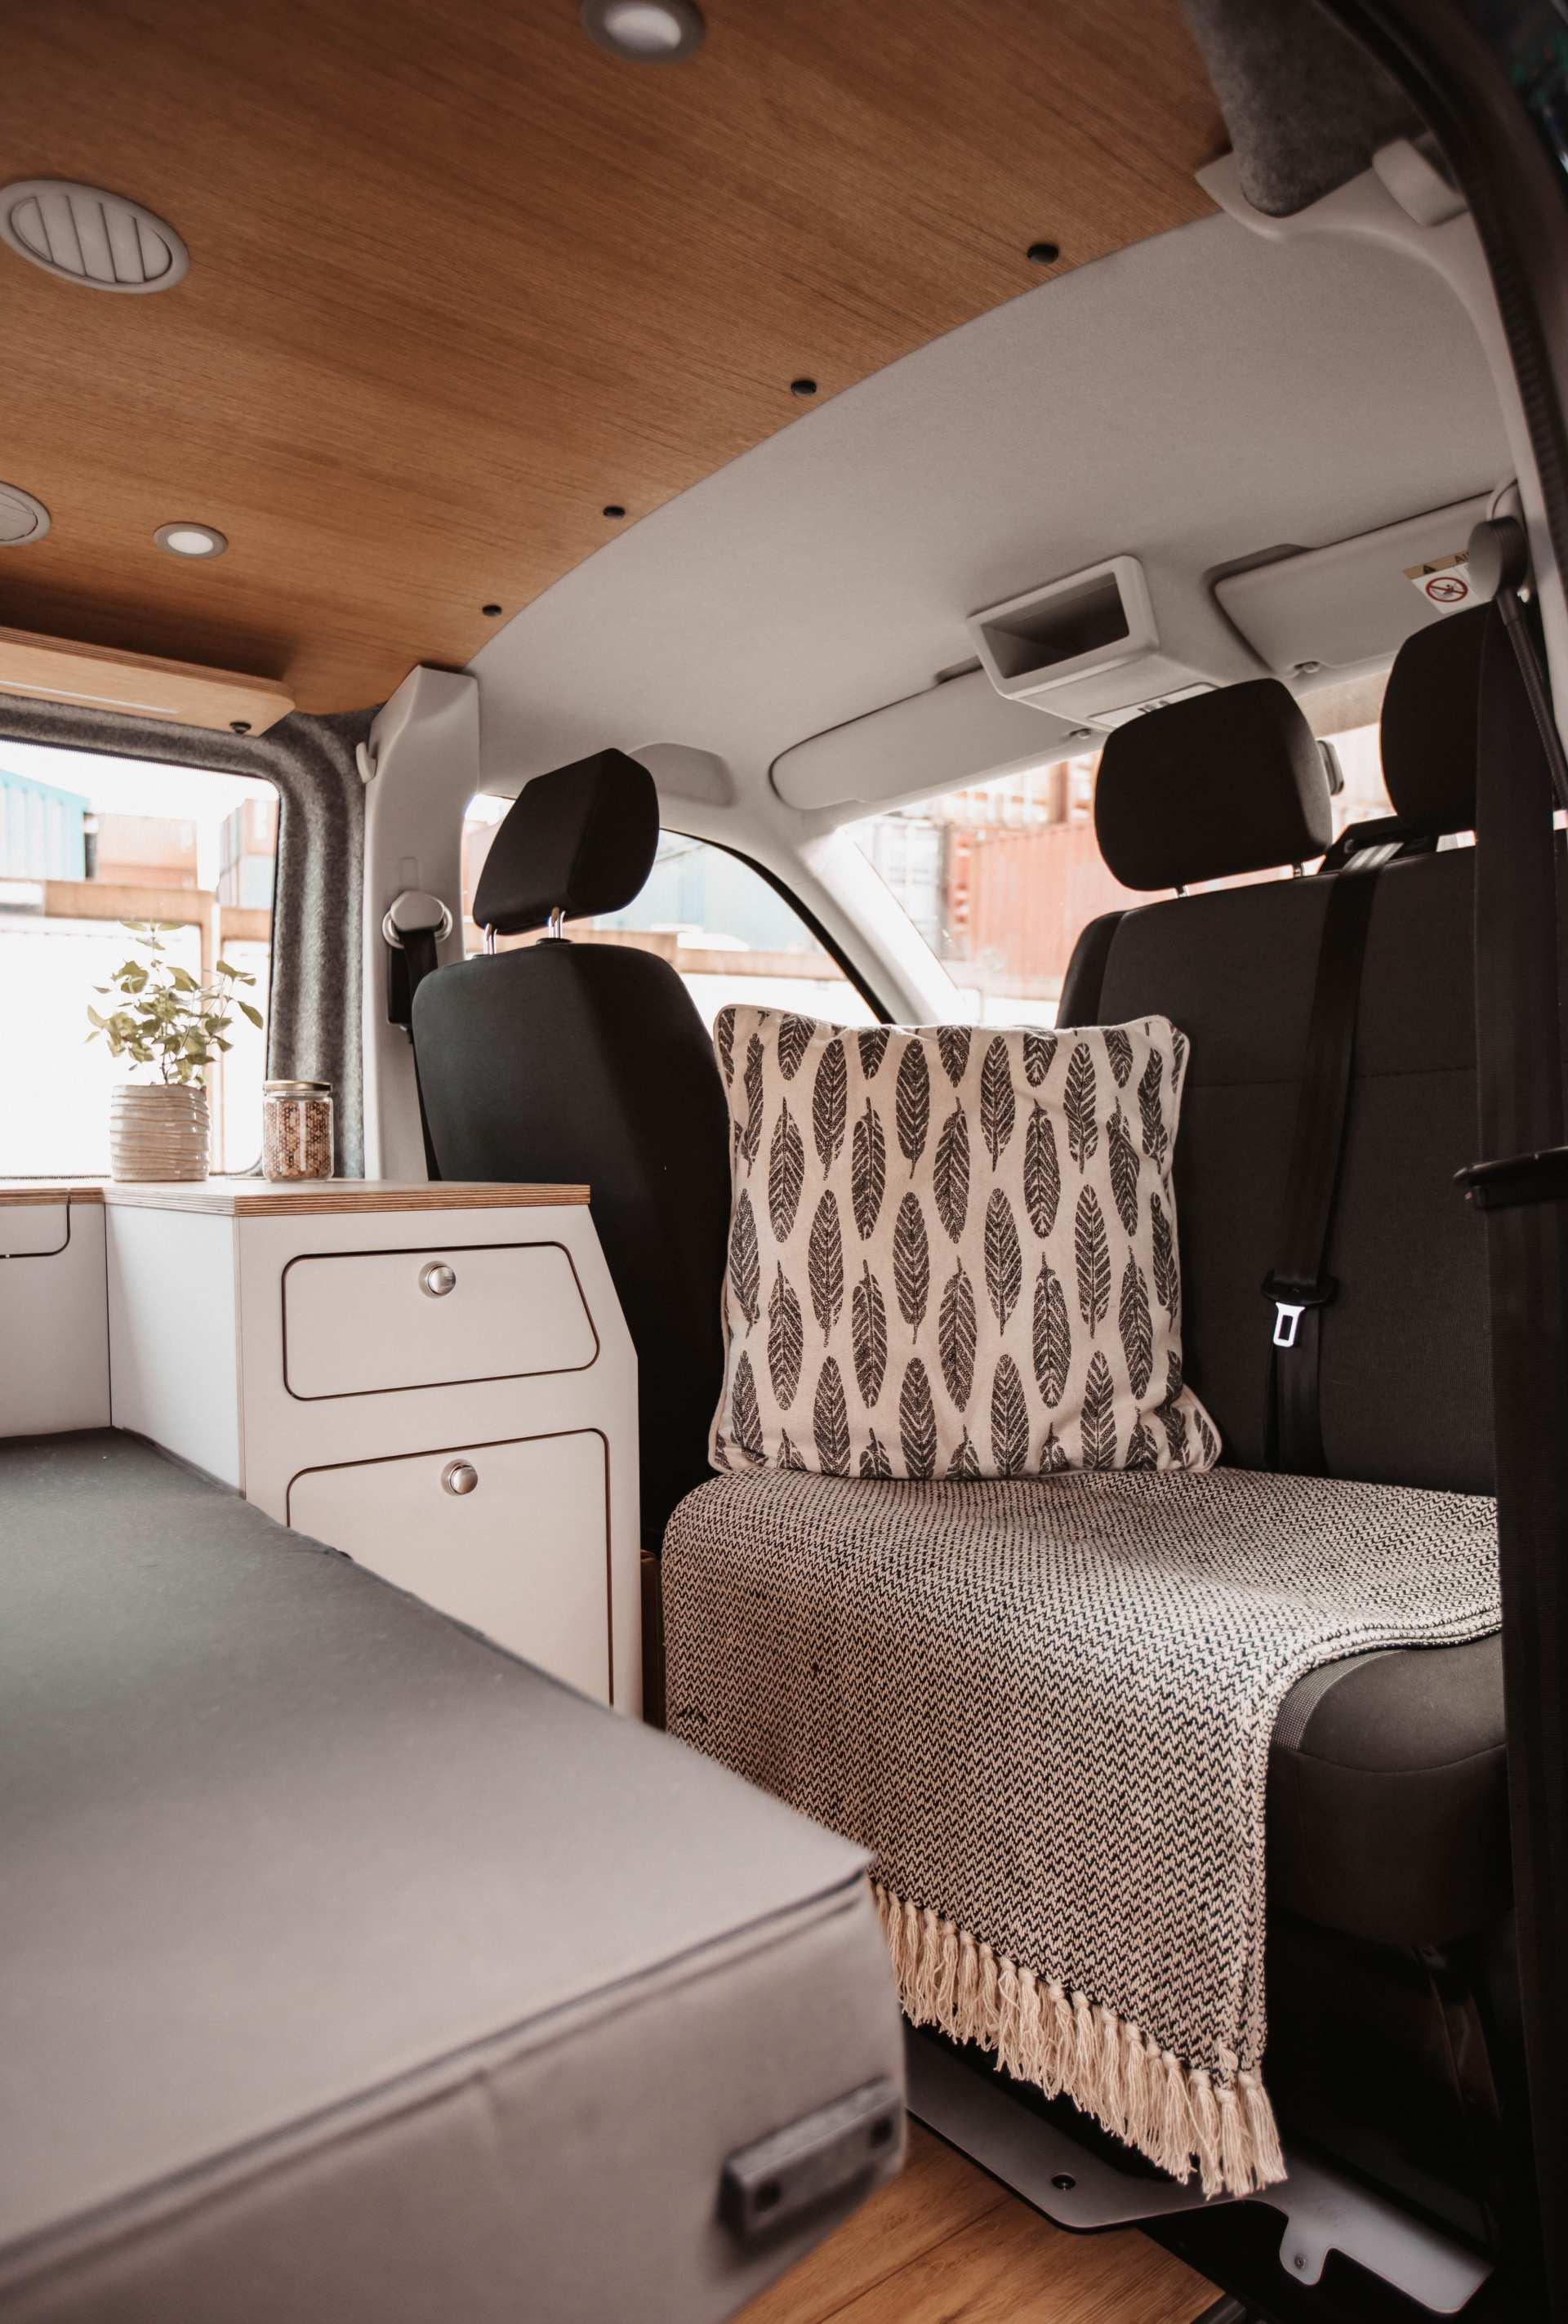 Individualausbau: VW-T6 Campervan - 12